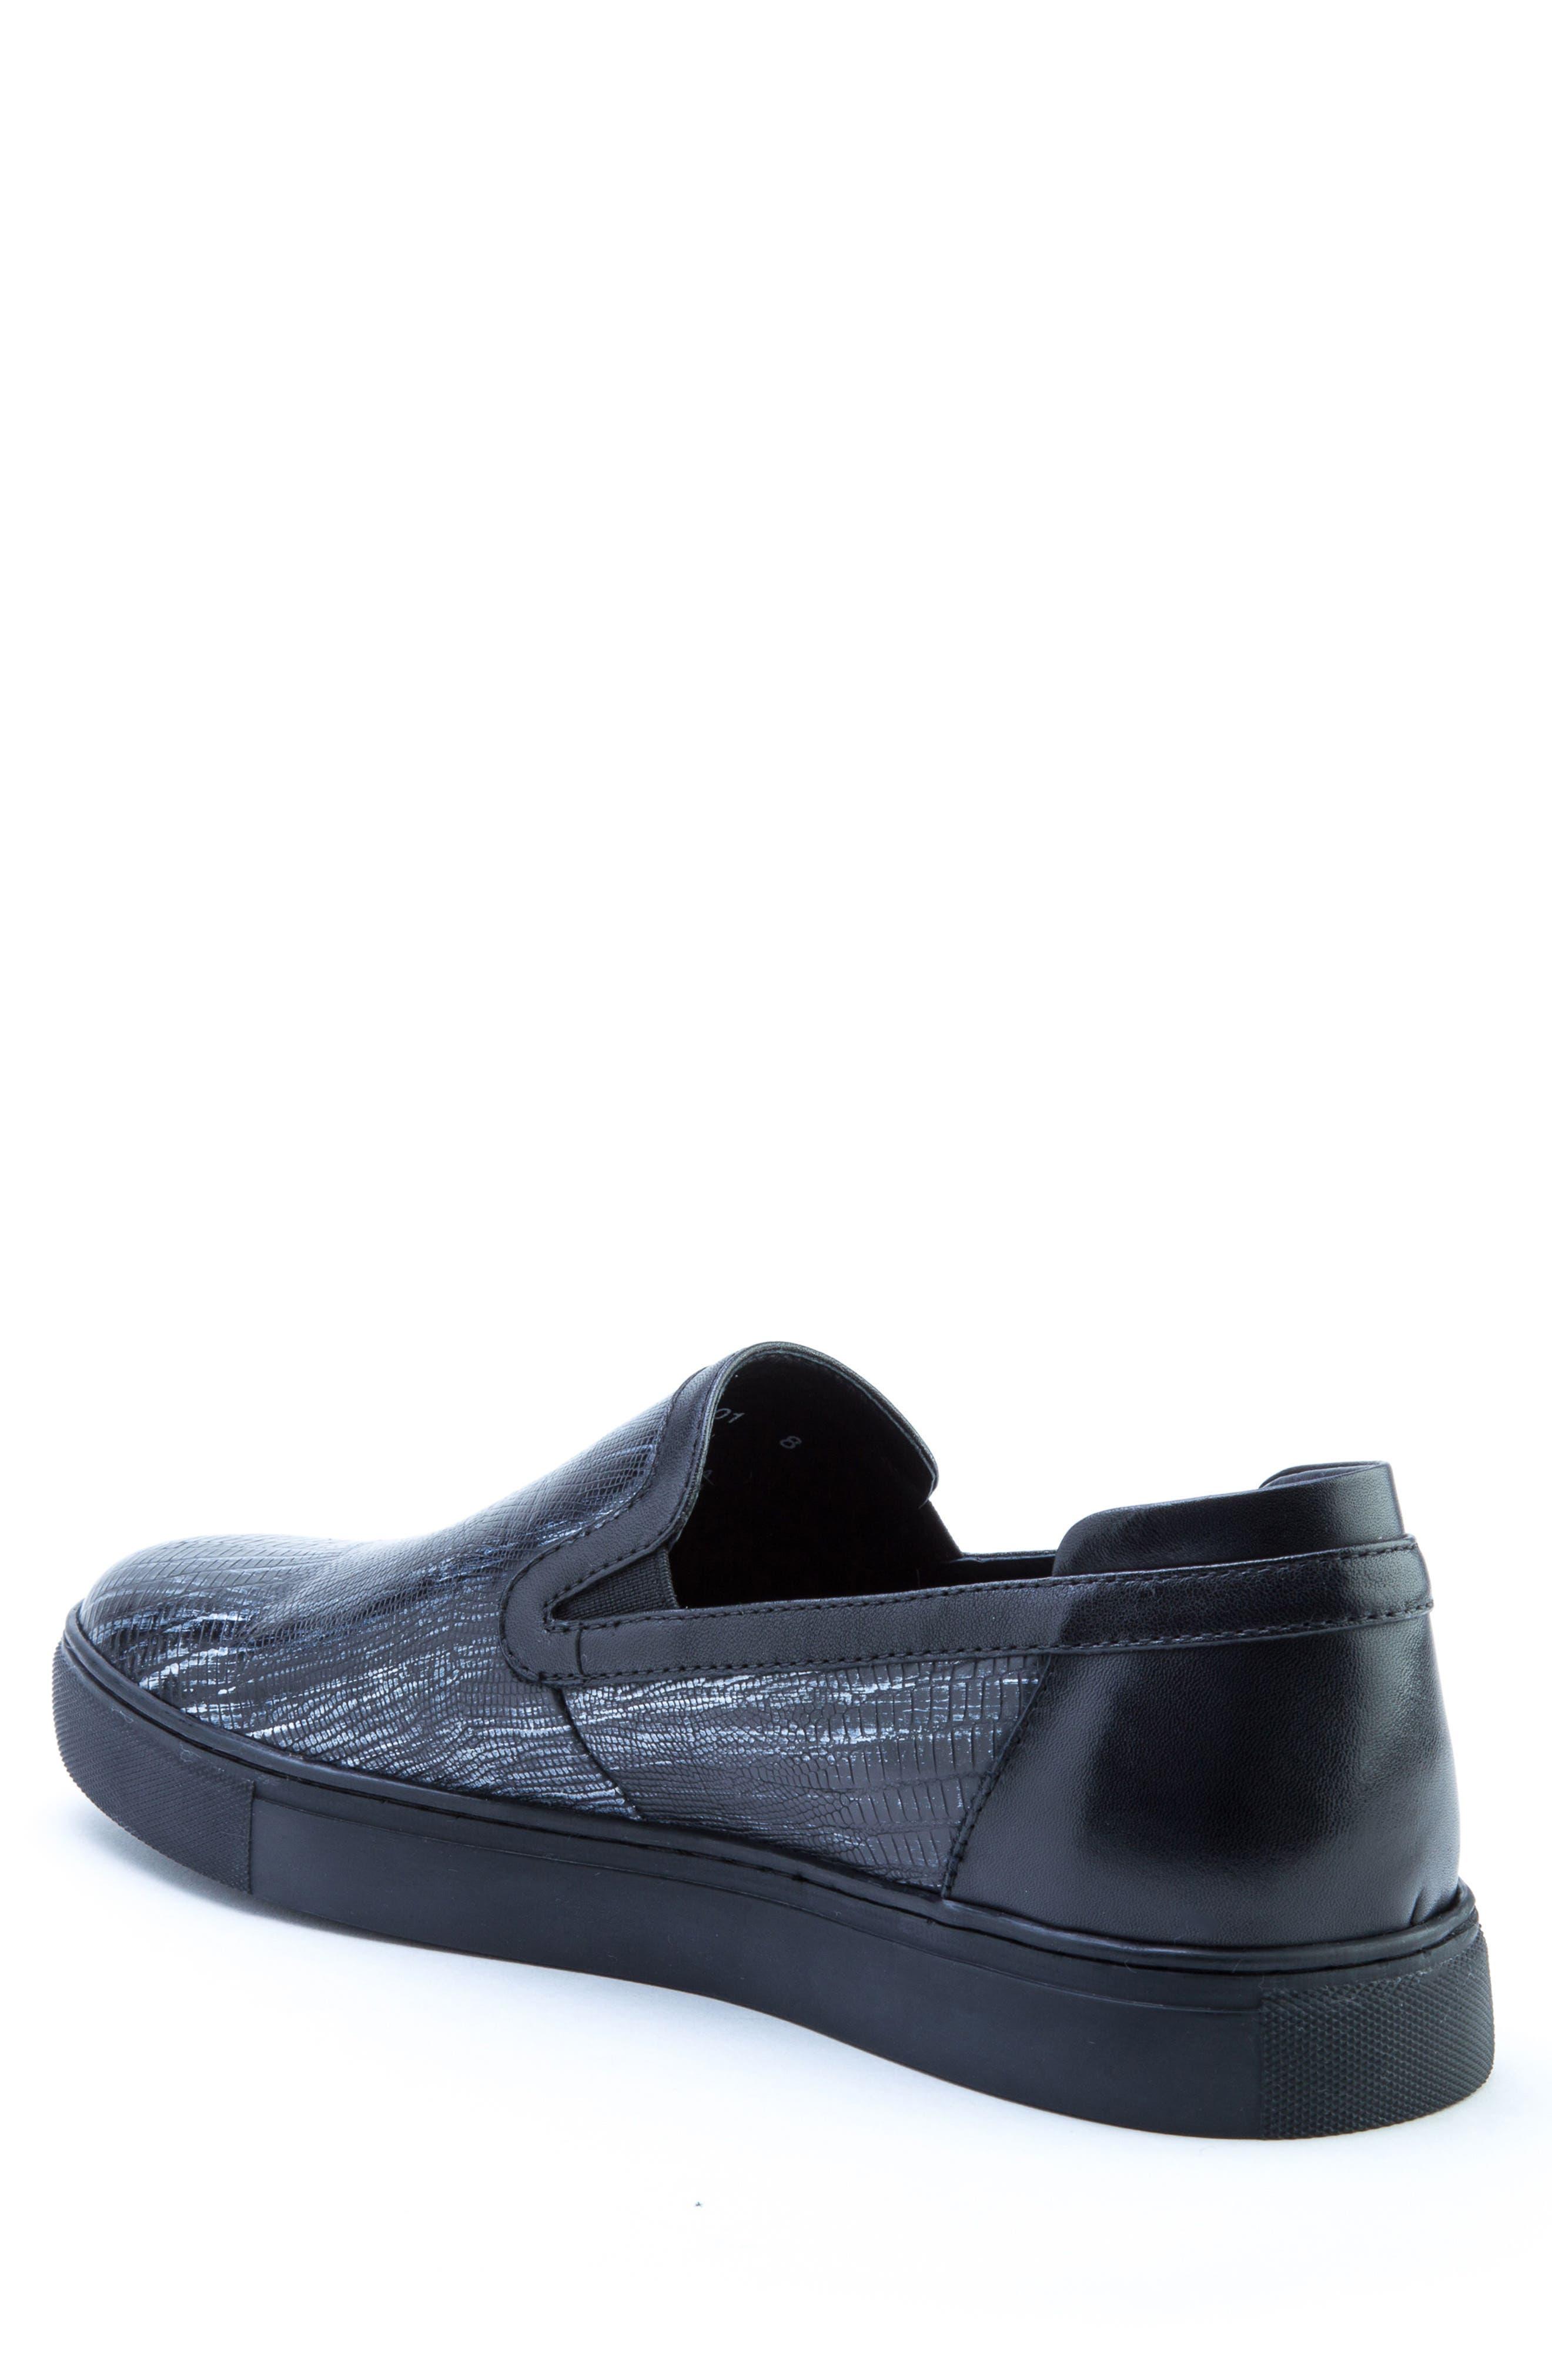 Bogart Sneaker,                             Alternate thumbnail 2, color,                             BLACK LEATHER